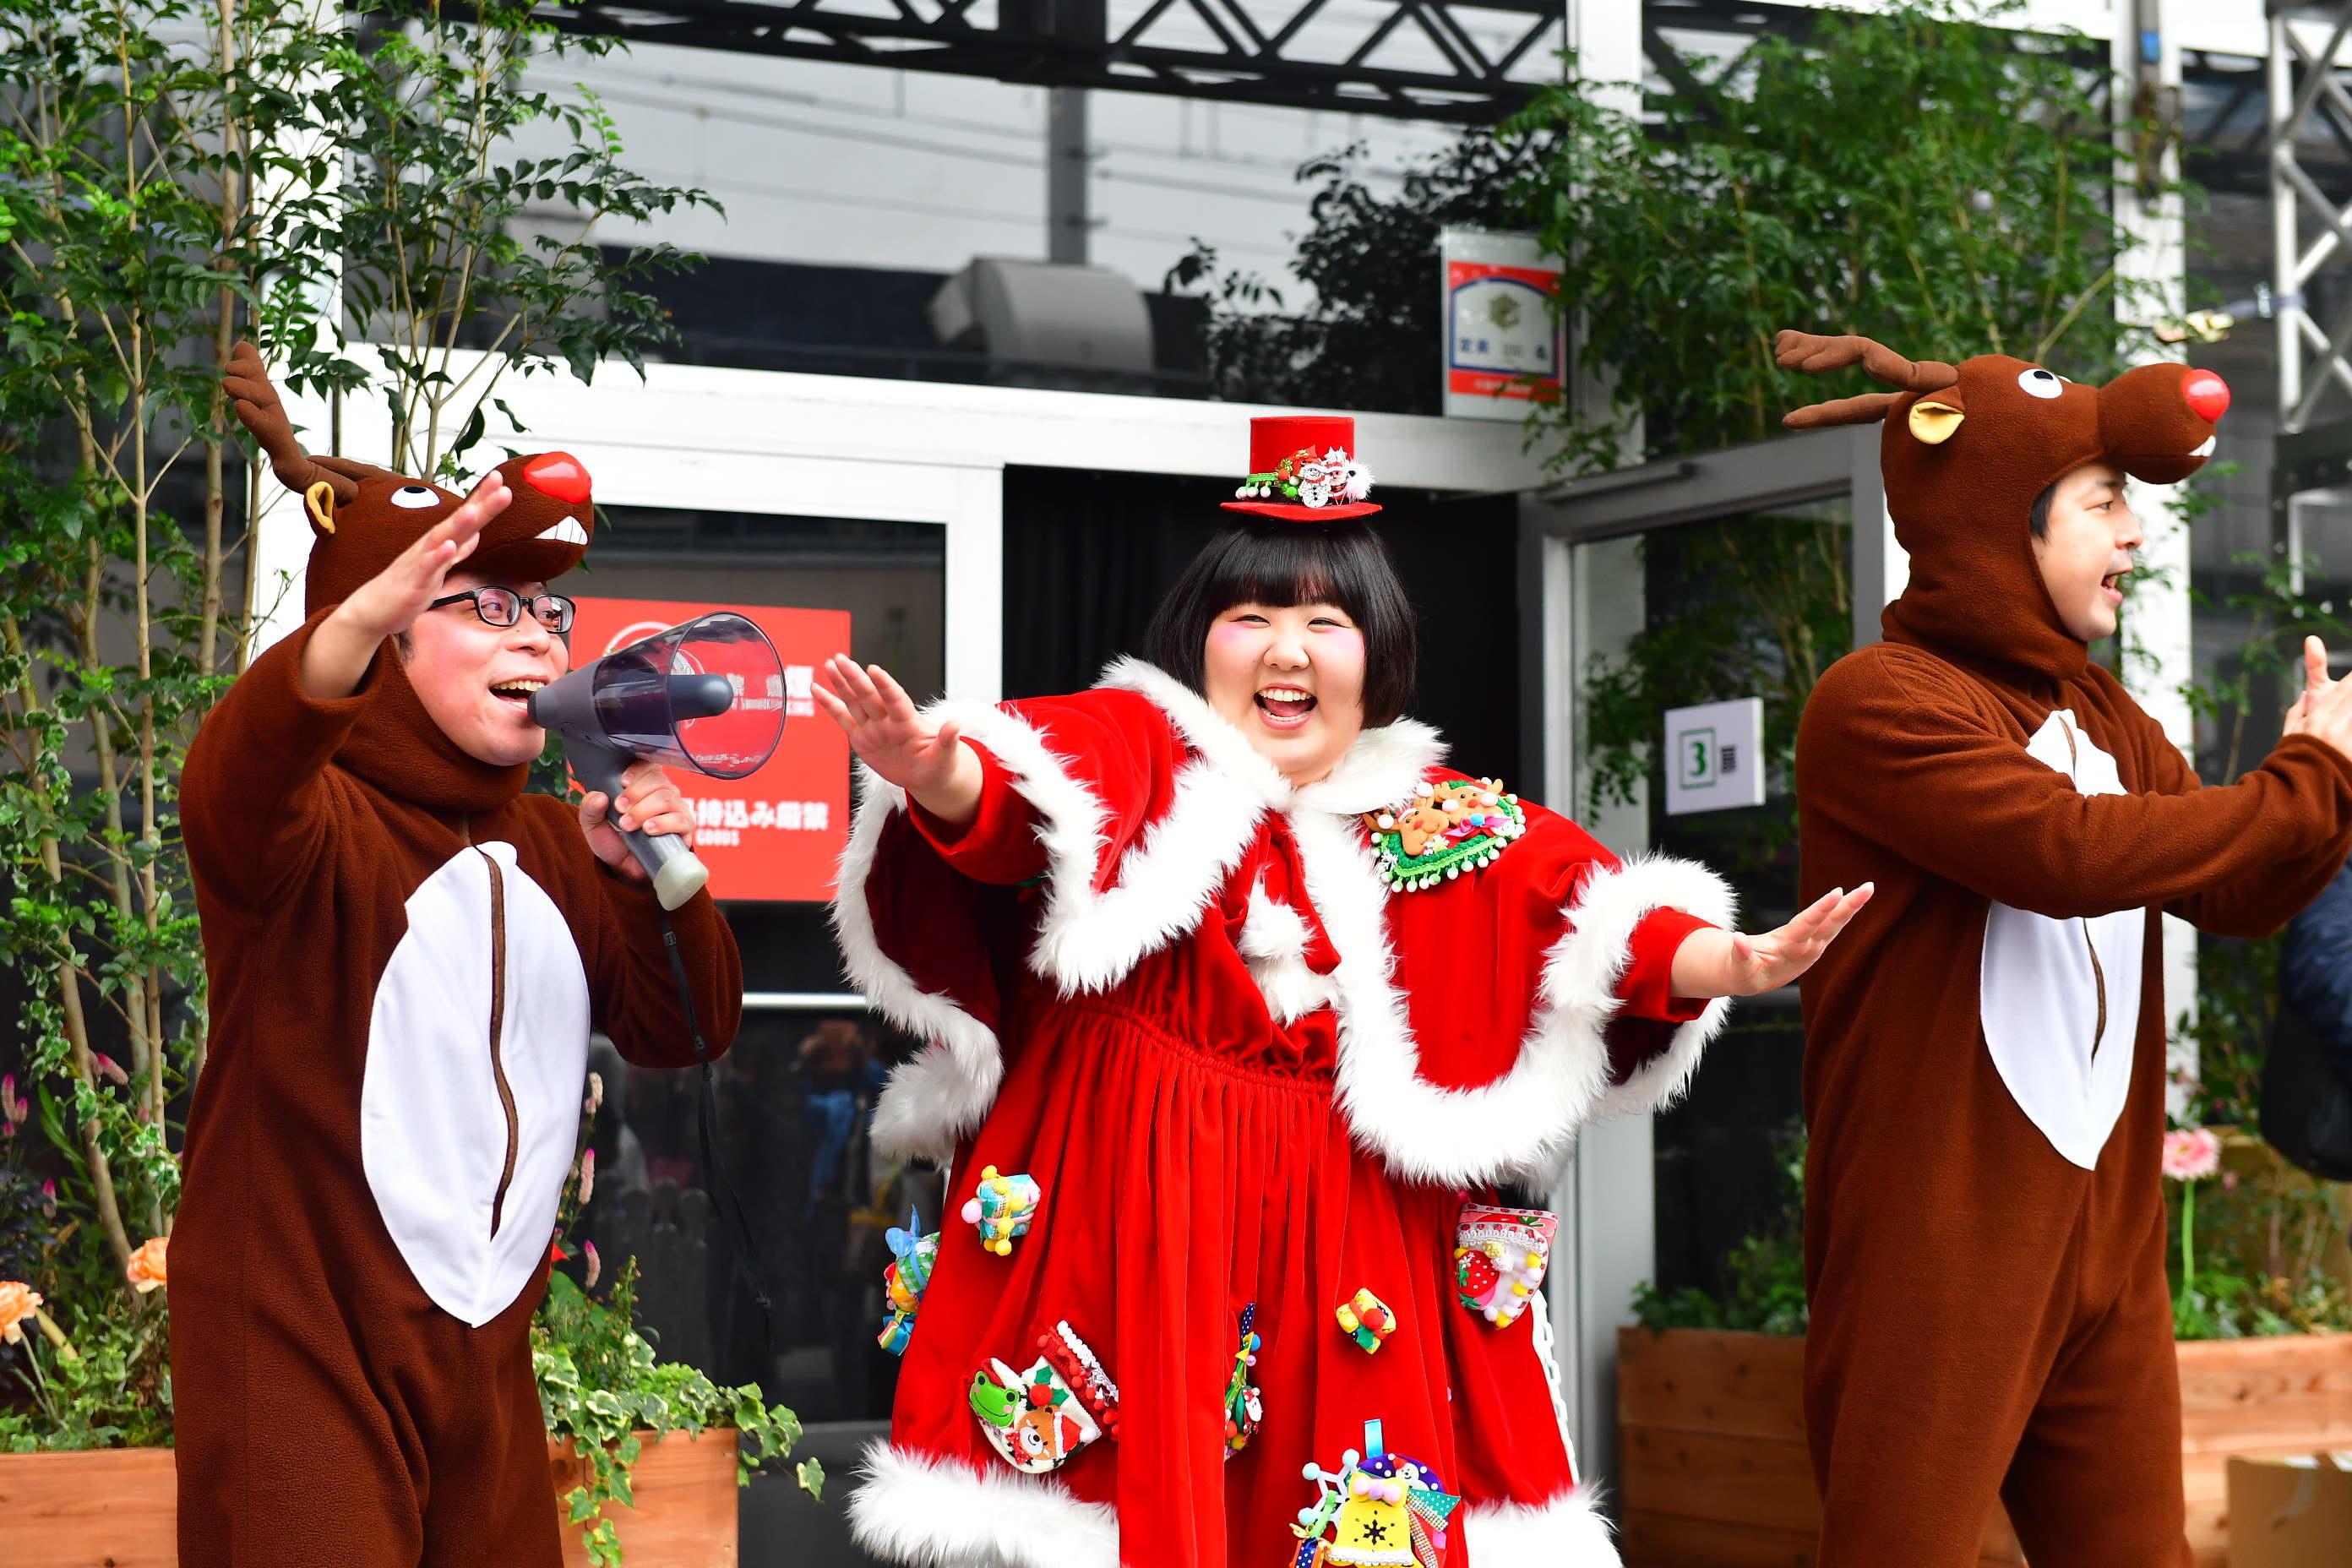 http://news.yoshimoto.co.jp/20171114185825-1554c8c03d8890b5fe721f17cabedd1e334837b5.jpg